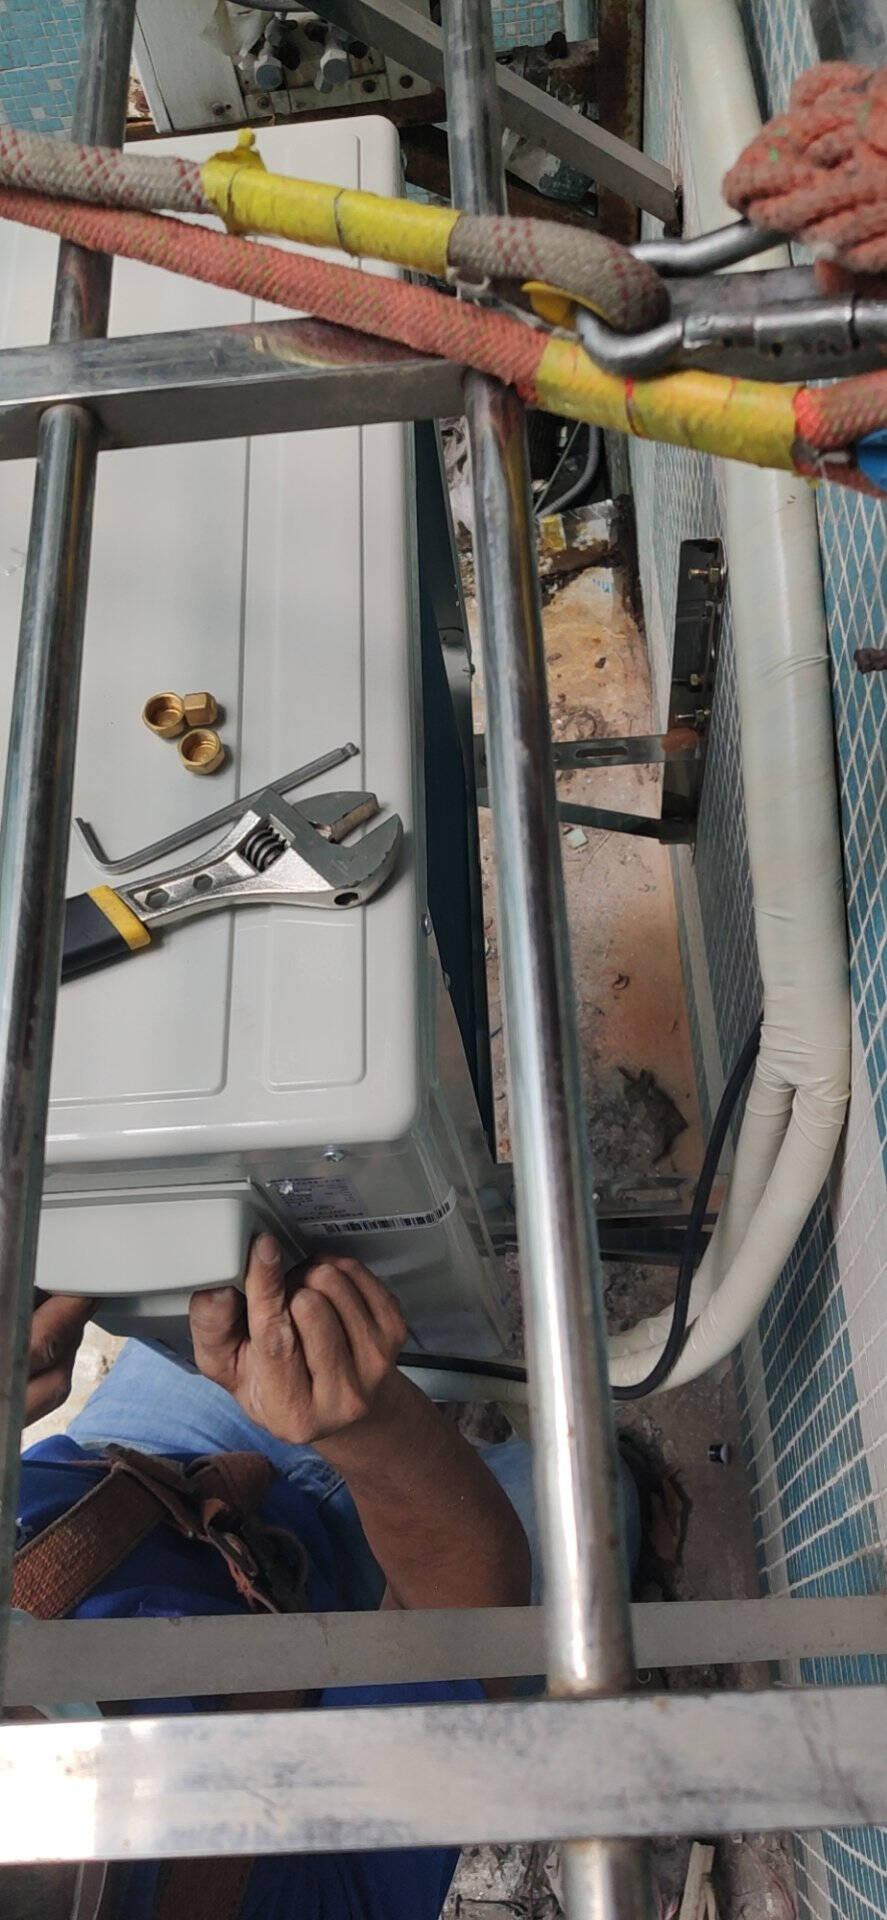 荣事达(Royalstar)定频家用壁挂式空调挂机出租房办公室宿舍卧室板房节能低音省电除湿正1P单冷-适用10-15m²包基础安装价